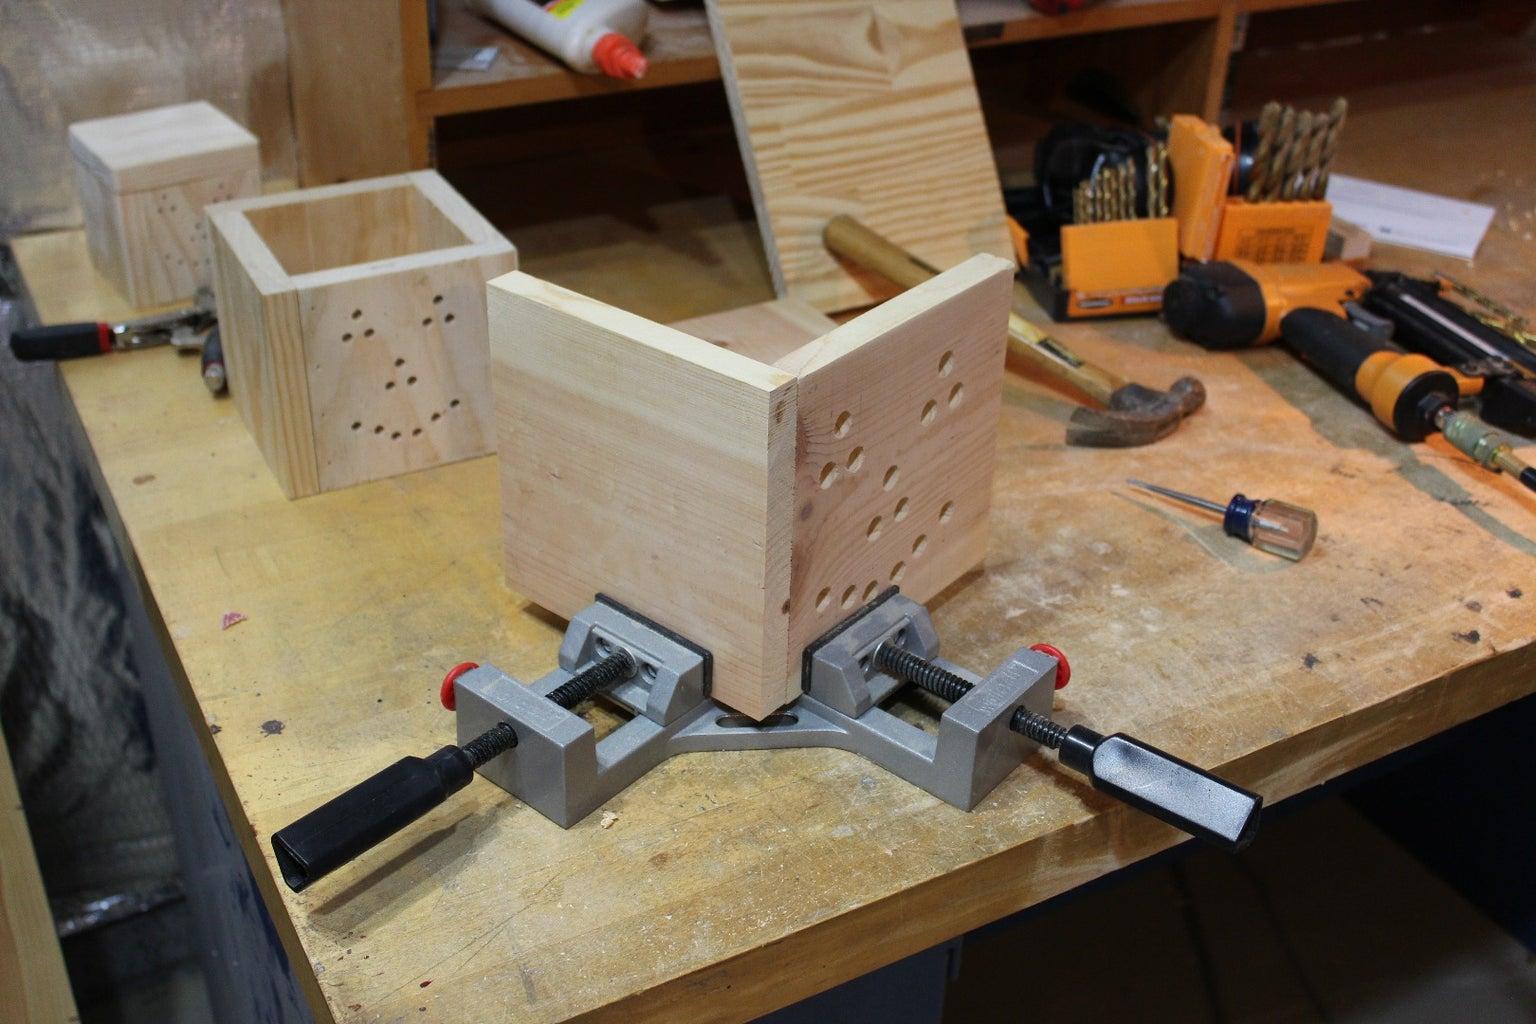 Assembly - Step 1